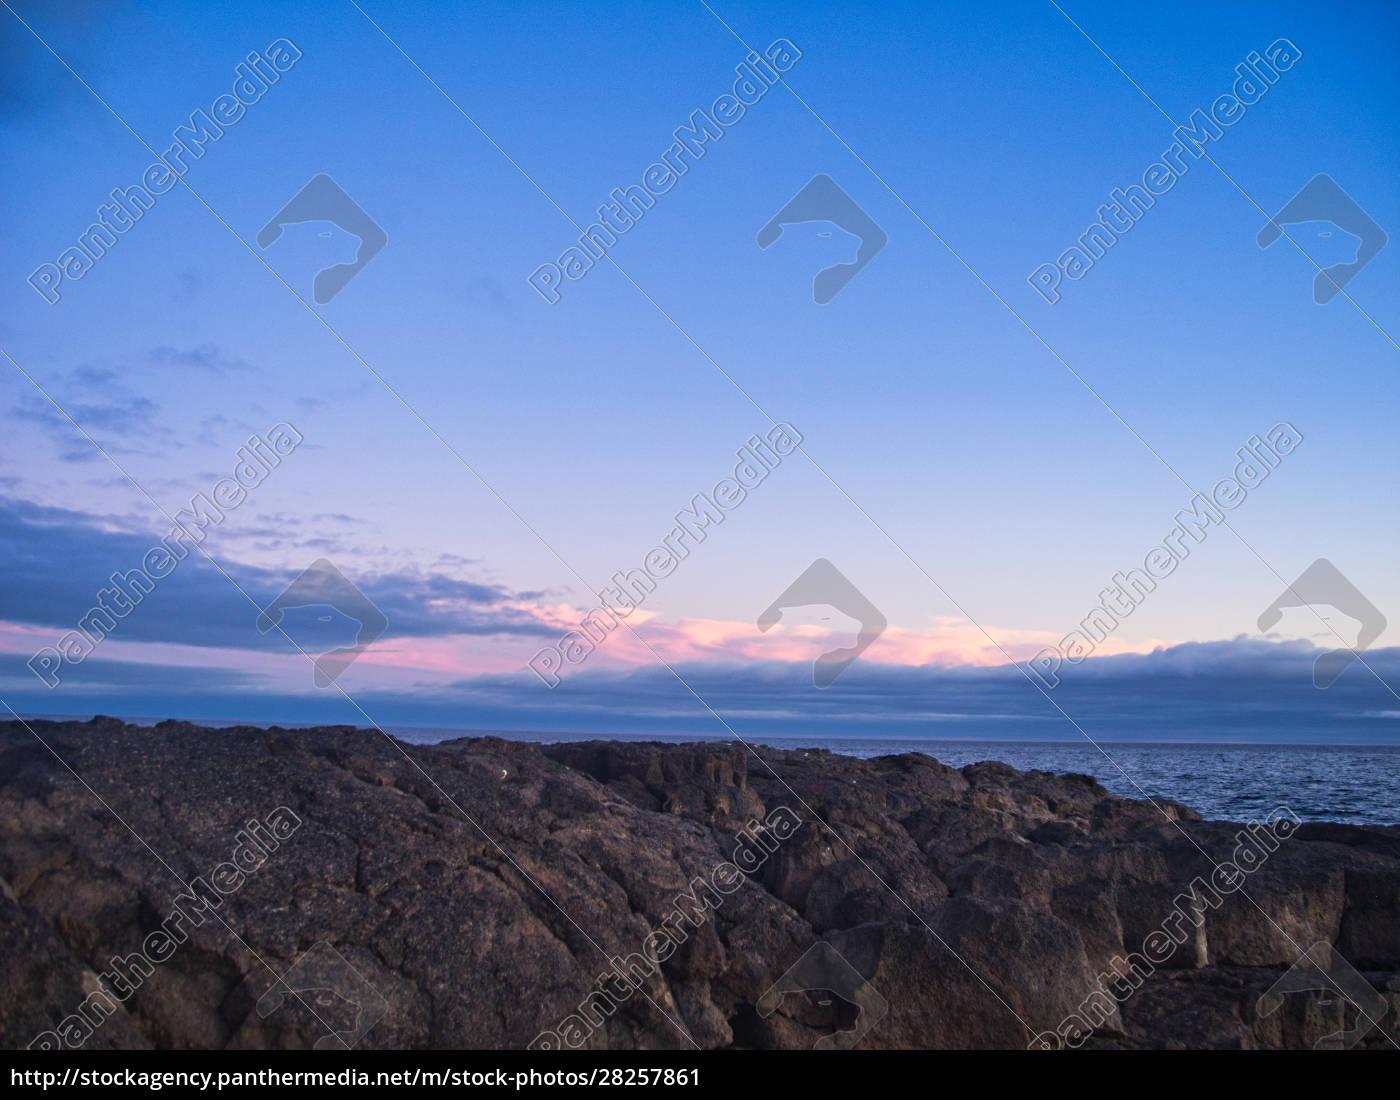 sunset, rocks, and, a, light, sky - 28257861